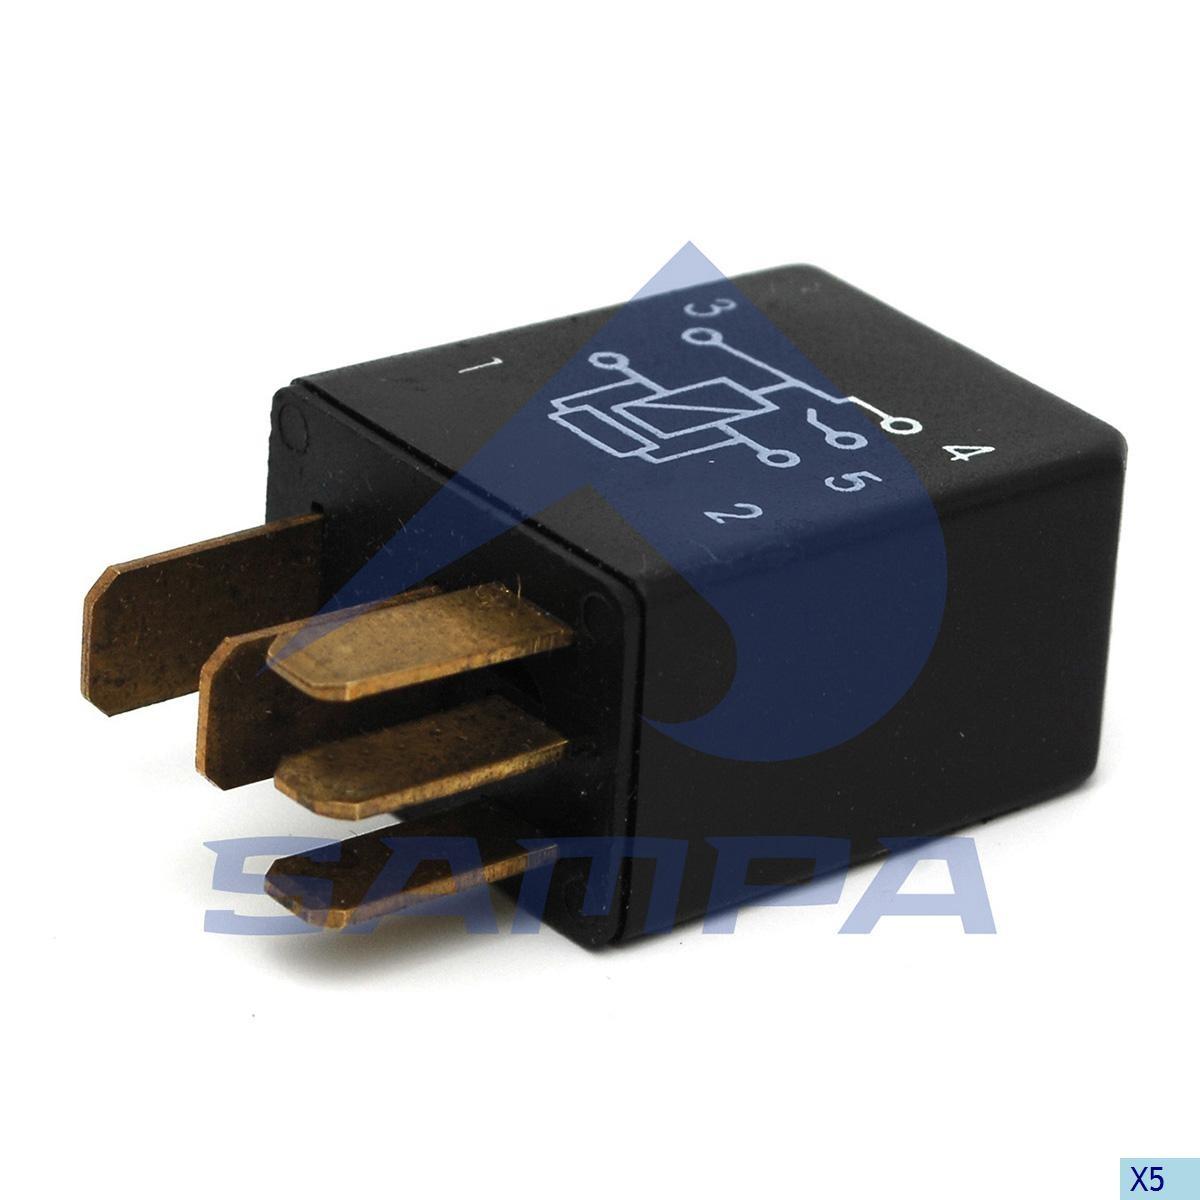 Реле для низких нагрузок 24V 20/10A (Bosch) photo